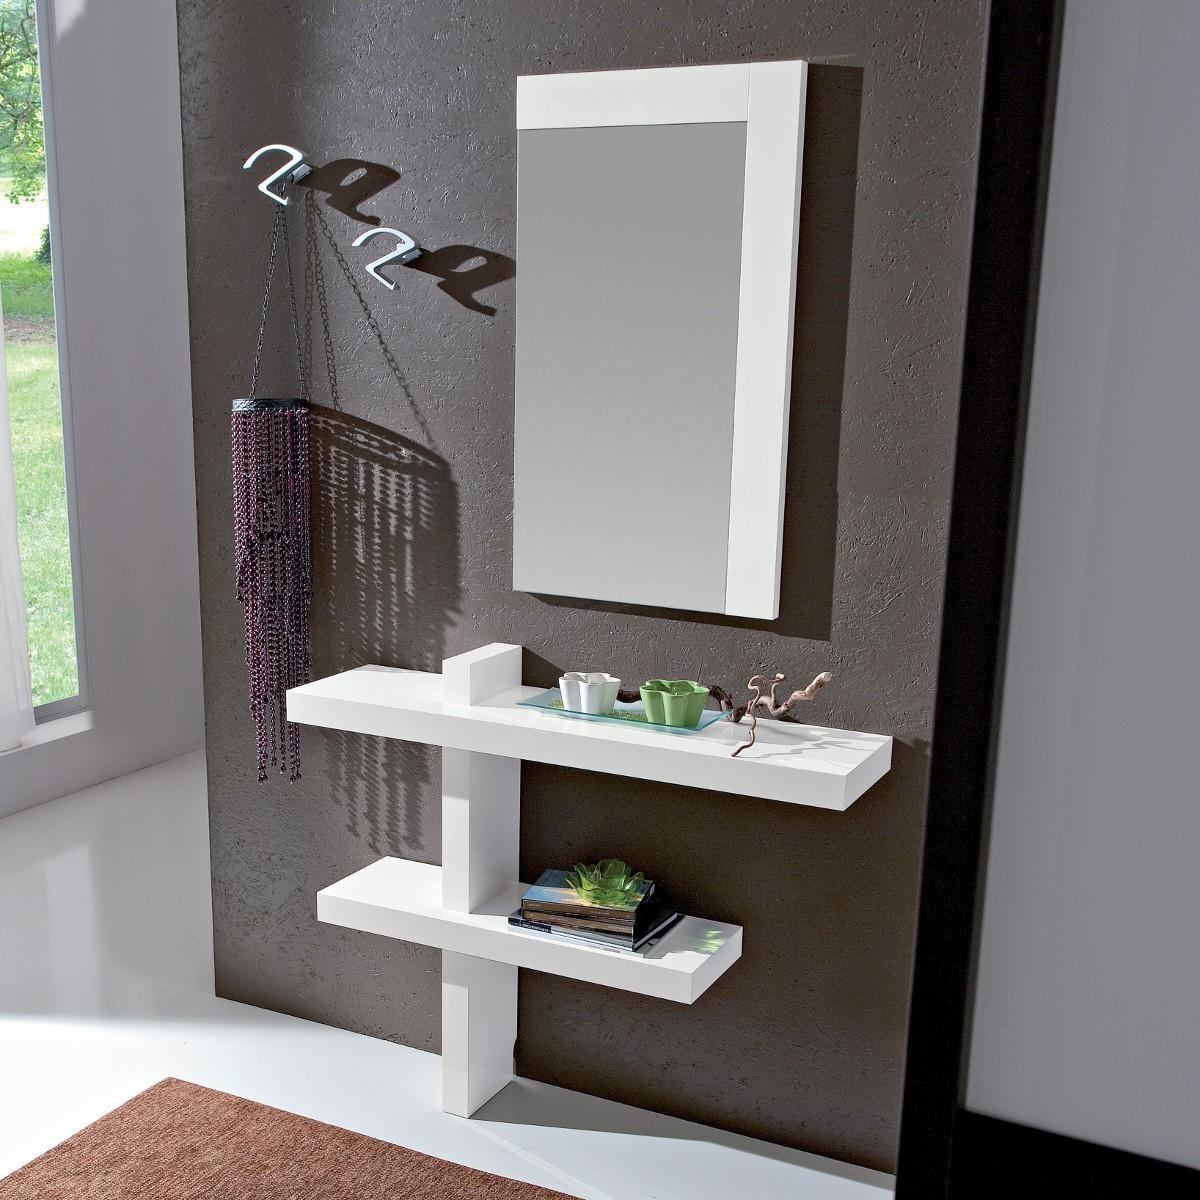 Mobile ingresso moderno con specchiera for Offerta mobili